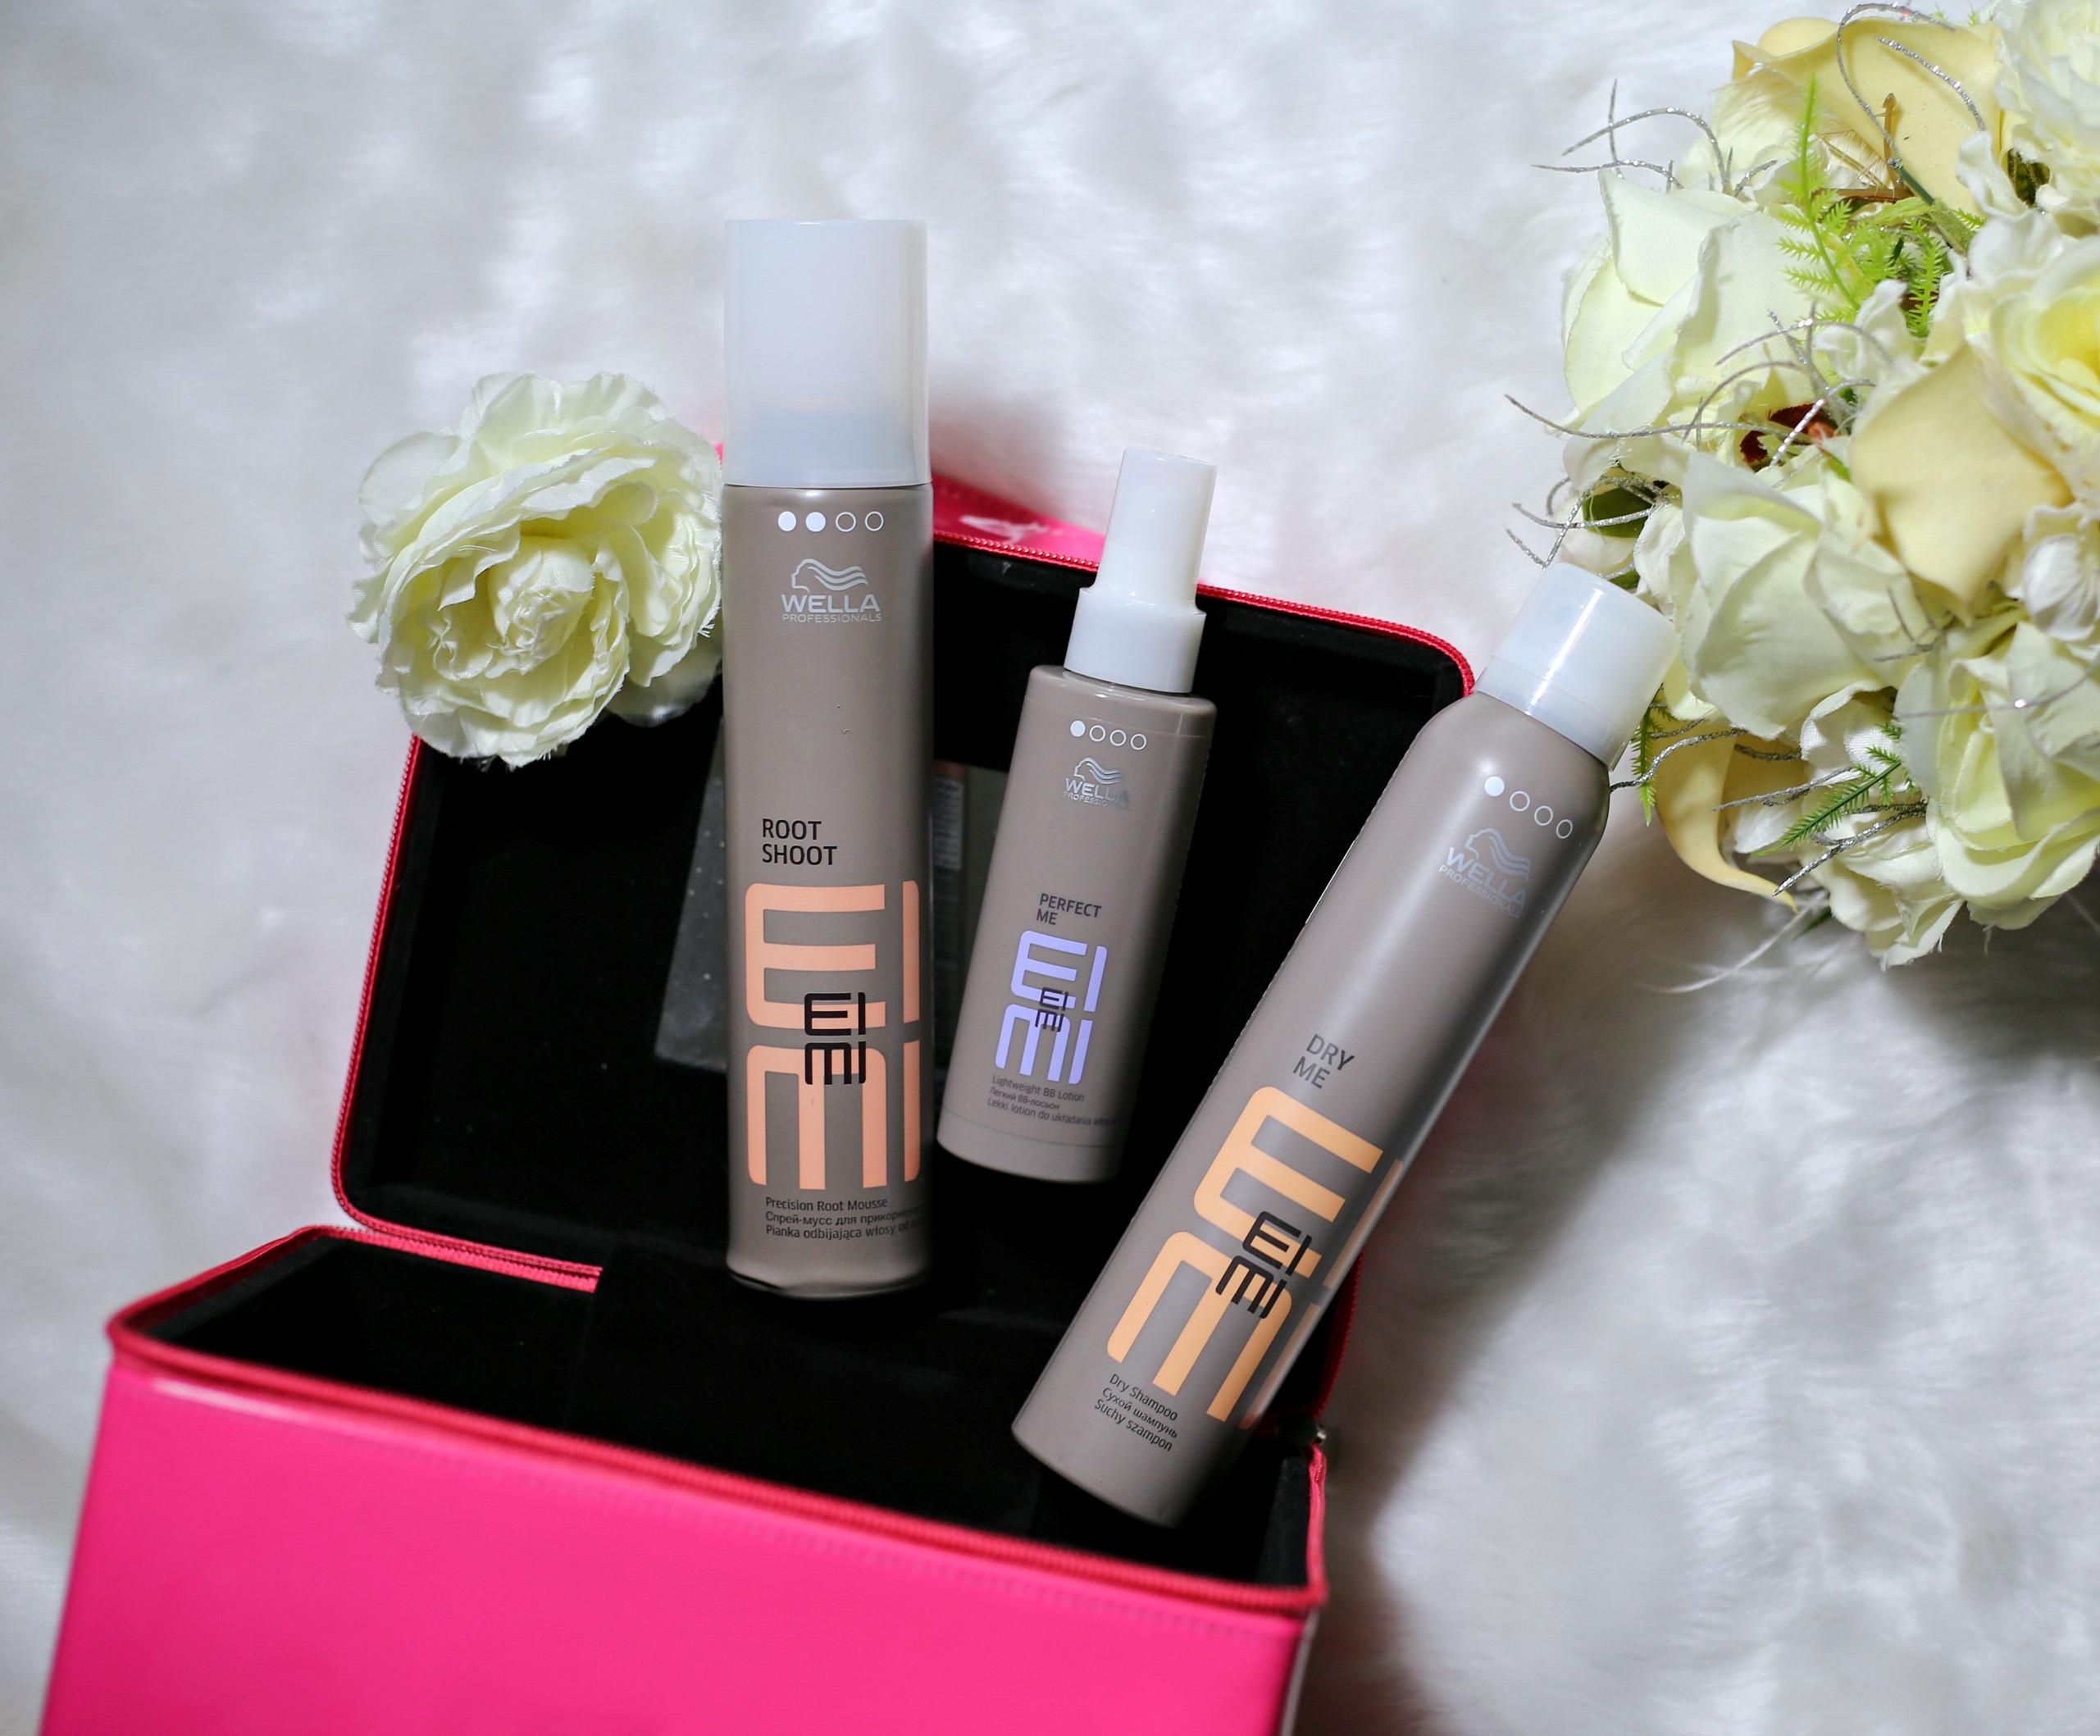 Wella EIMI Products